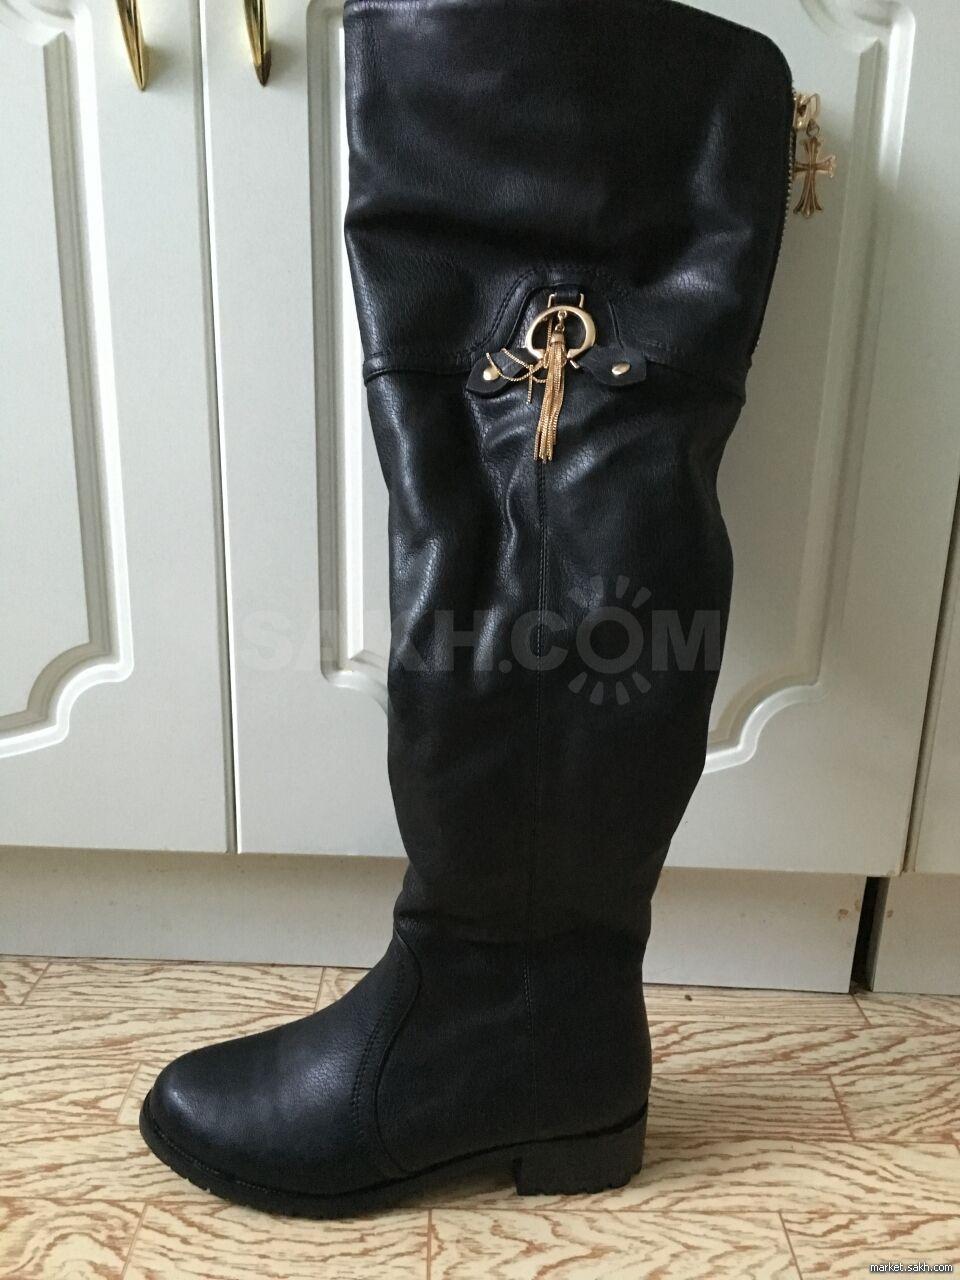 857a1606f Продам зимние, кожаные сапоги. Одевались один раз, размер маловат. 39 размер.  Небольшой торг.